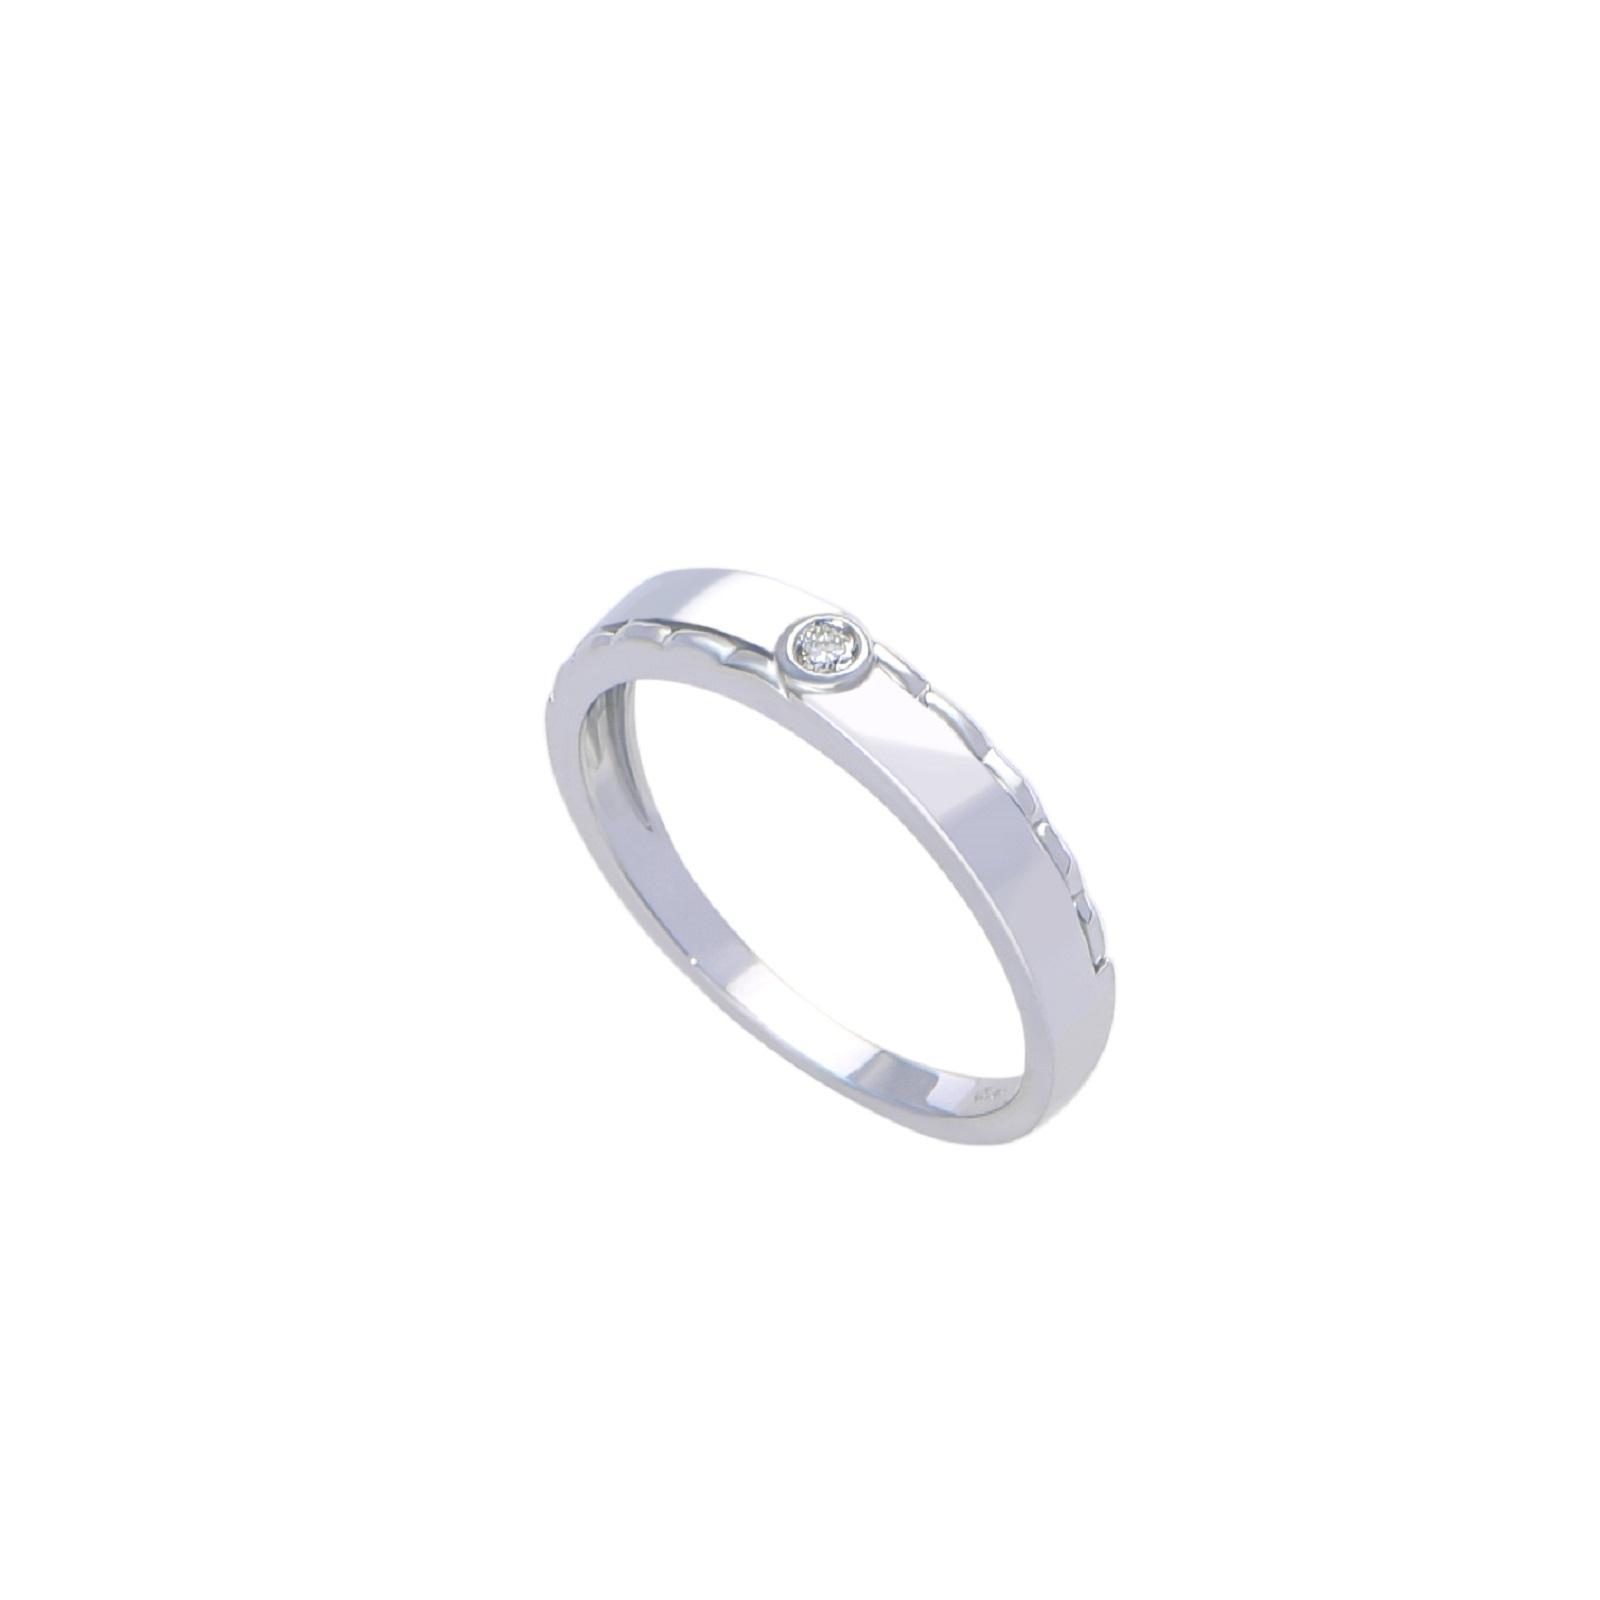 Nhẫn cưới Kim cương nữ 21Q.002NC